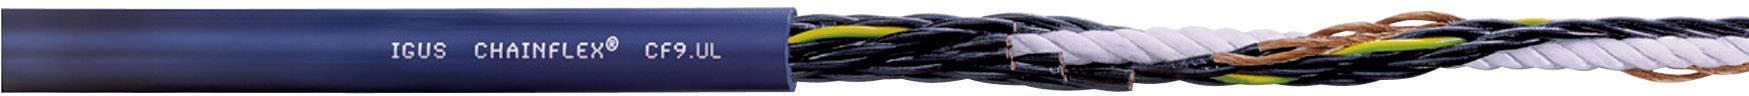 Řídicí kabelové vedení igus Chainflex® (CF9.10.04), 4x 1 mm², elastomer, Ø 6,5 mm, nestíněný, 1 m, modrá